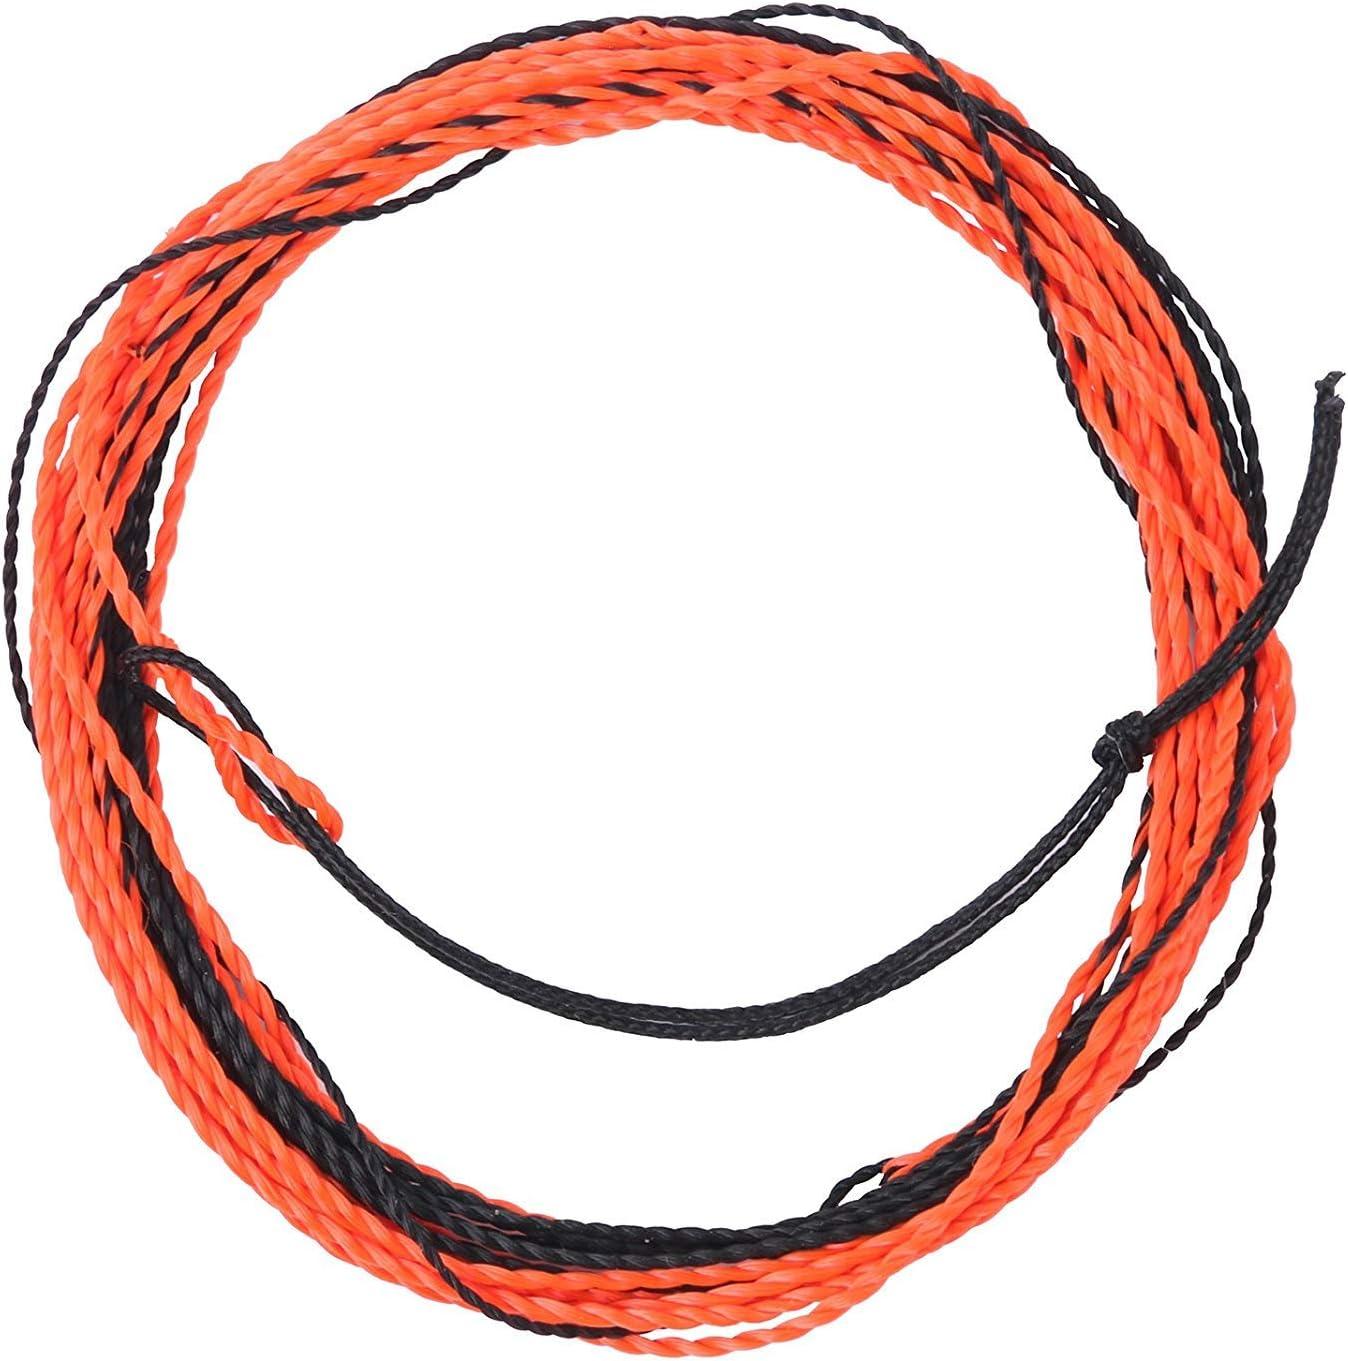 3 Farbe Geflochtene Nylon-Schnur in 11//12//13 FT MAXIMUMCATCH Angelschnur Tenkara Schnur